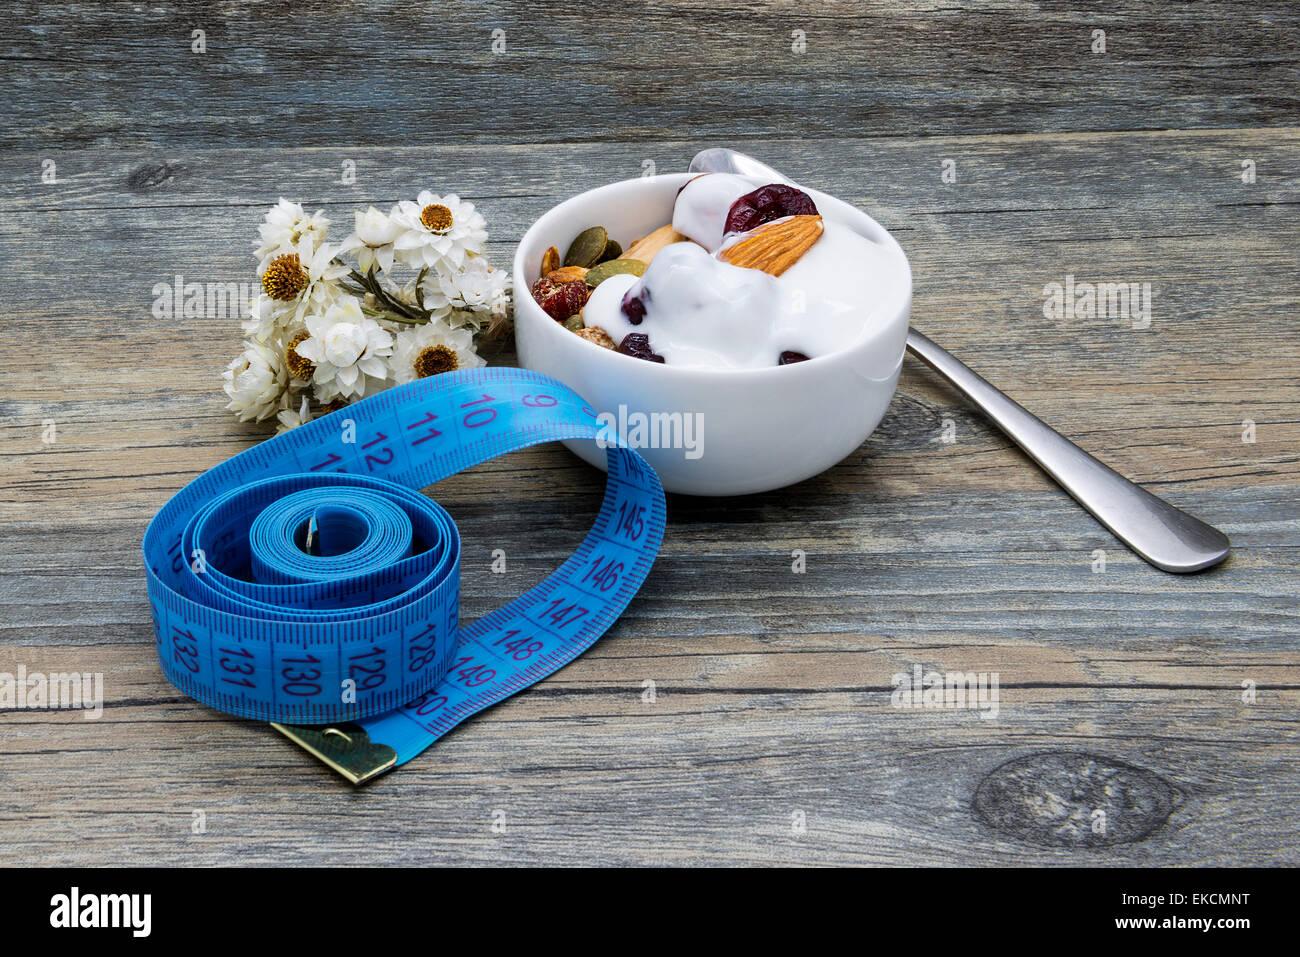 Diät-Frühstück mit Müsli und Joghurt auf rustikalen hölzernen Hintergrund. Stockbild